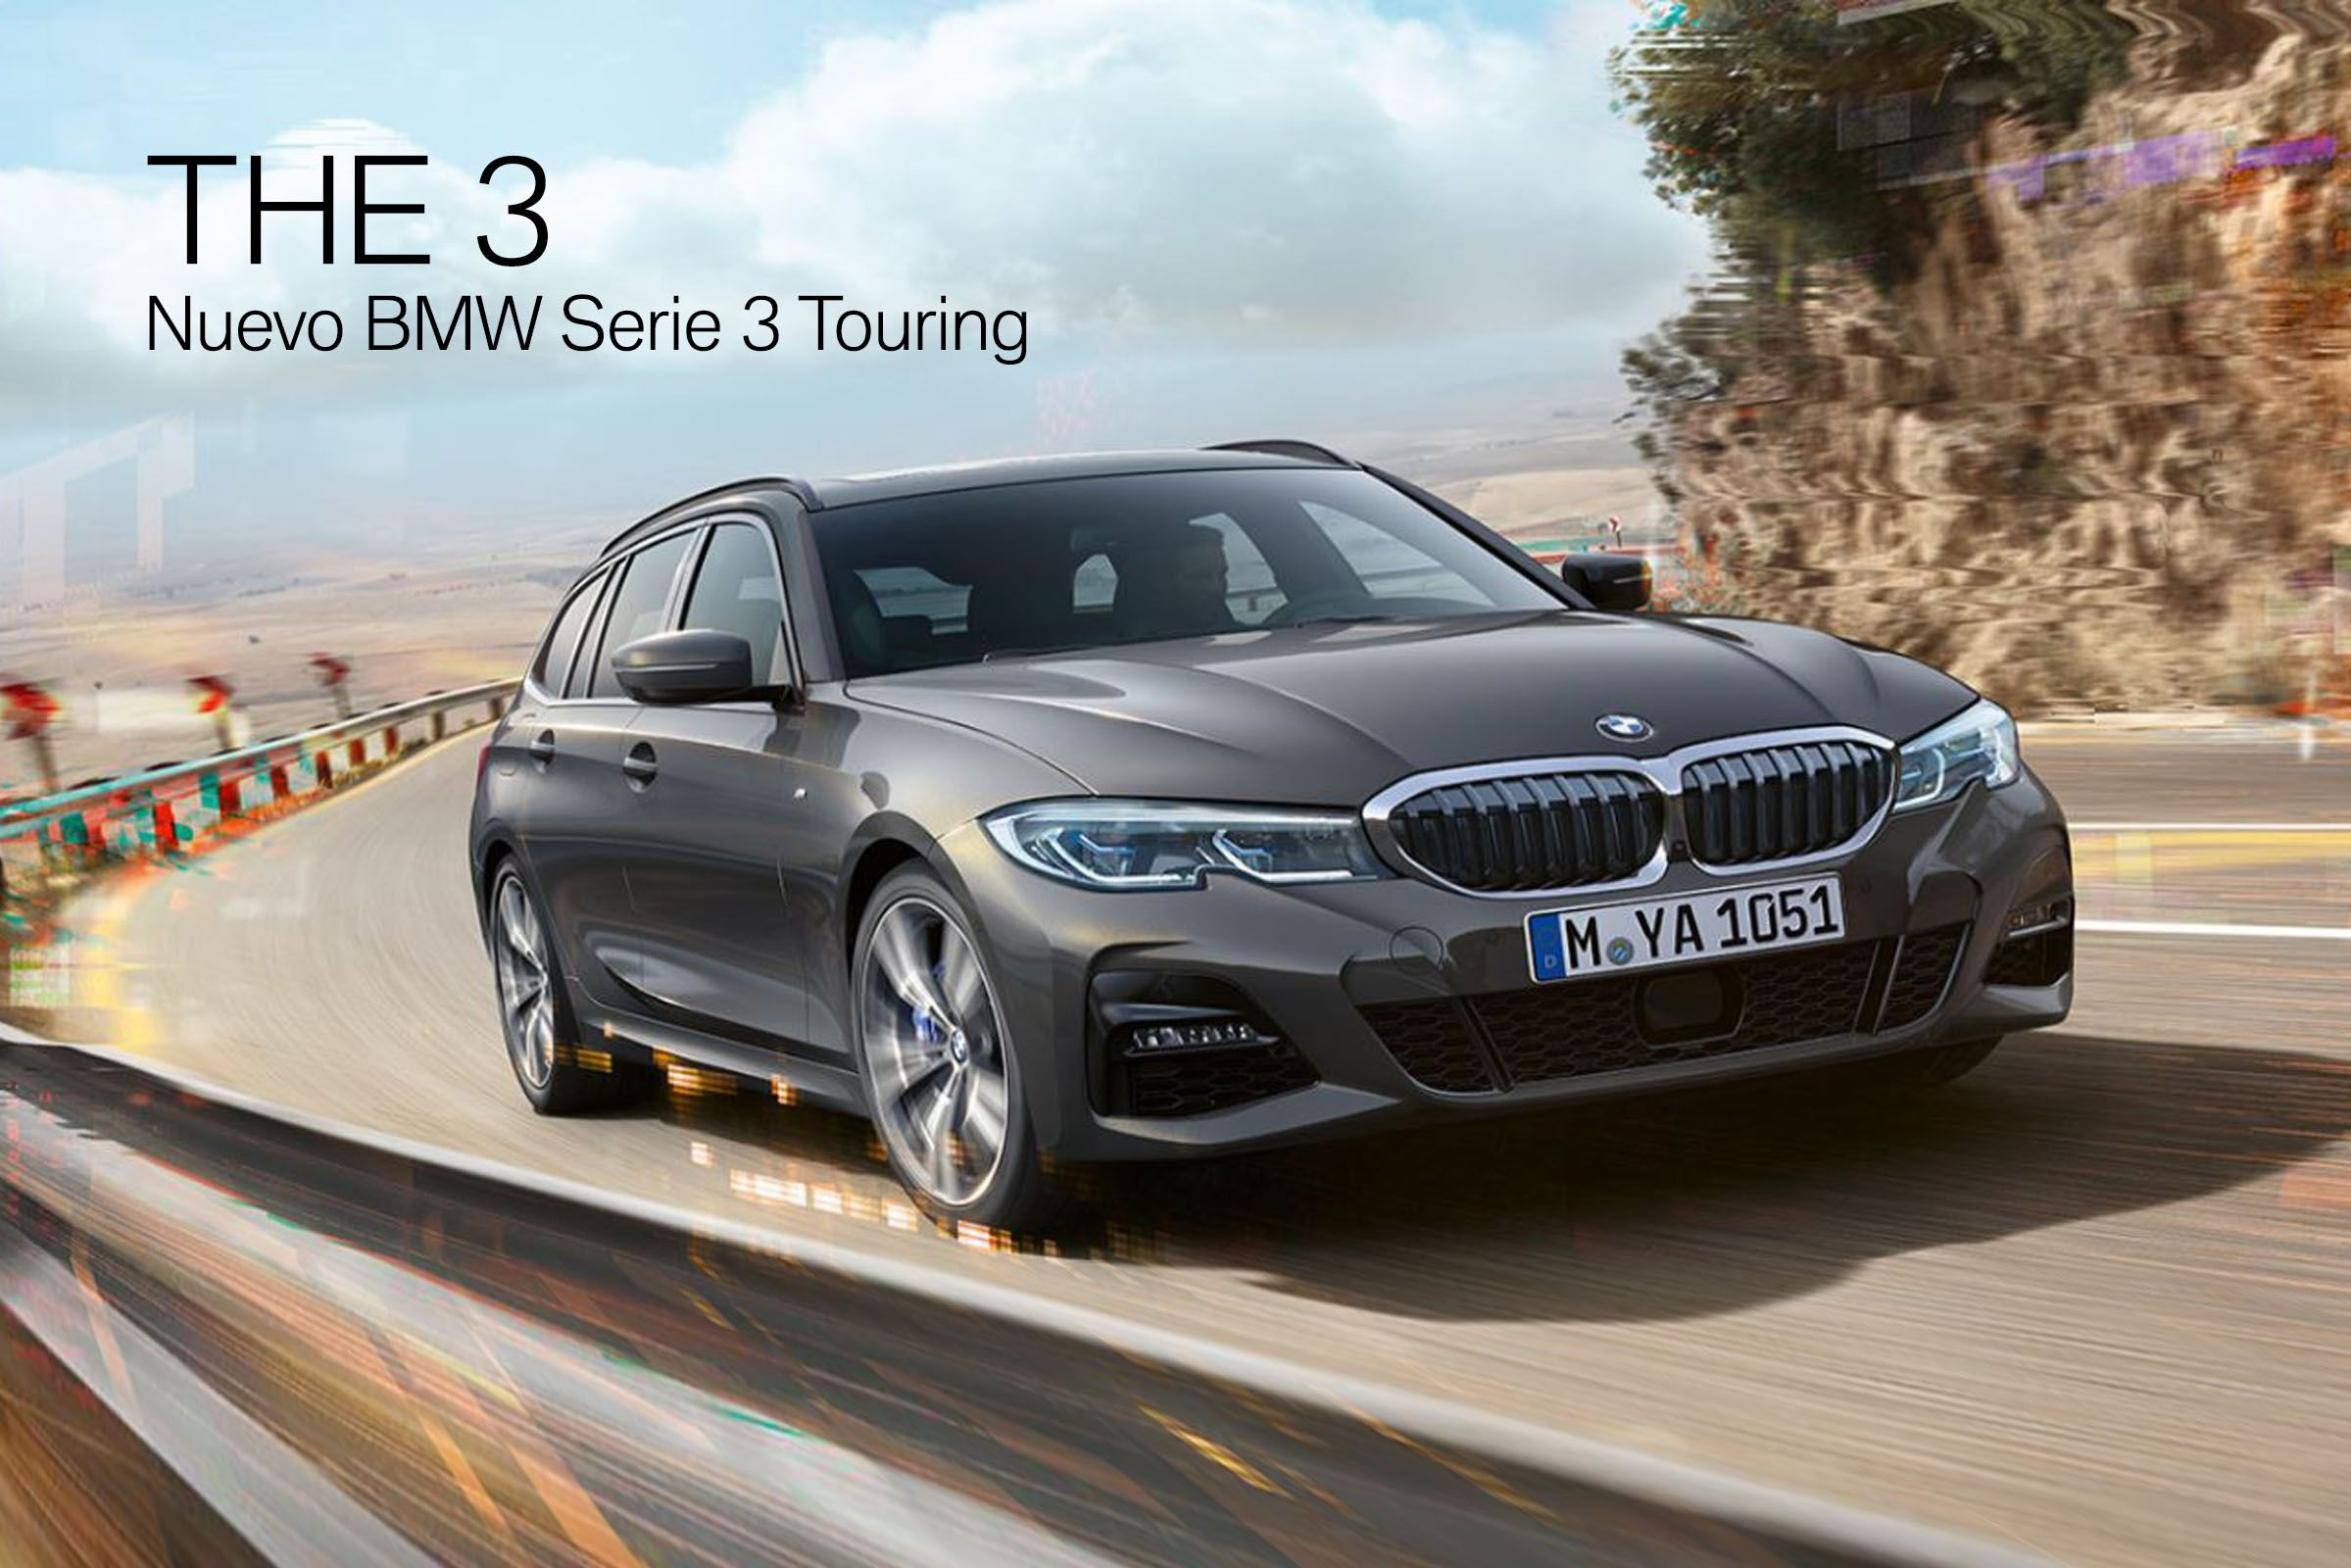 El nuevo BMW Serie 3 Touring - El más deportivo y tecnológico del segmento.